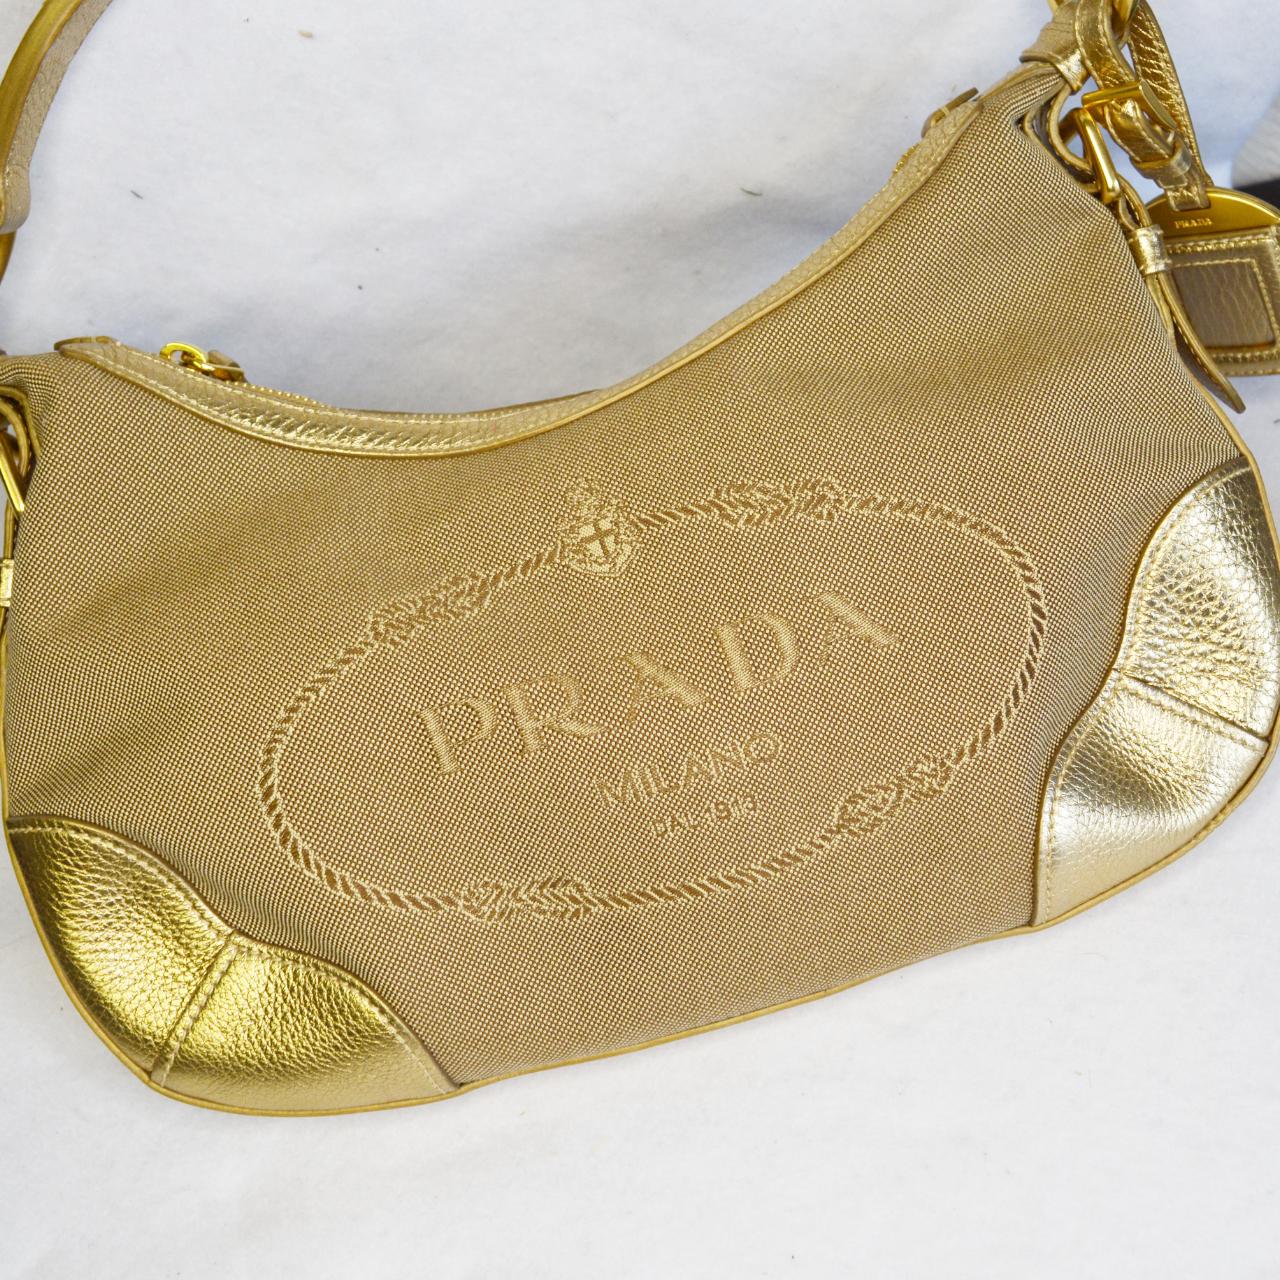 Vintage Prada Baguette Shoulder Bag in Beige and Gold | NITRYL